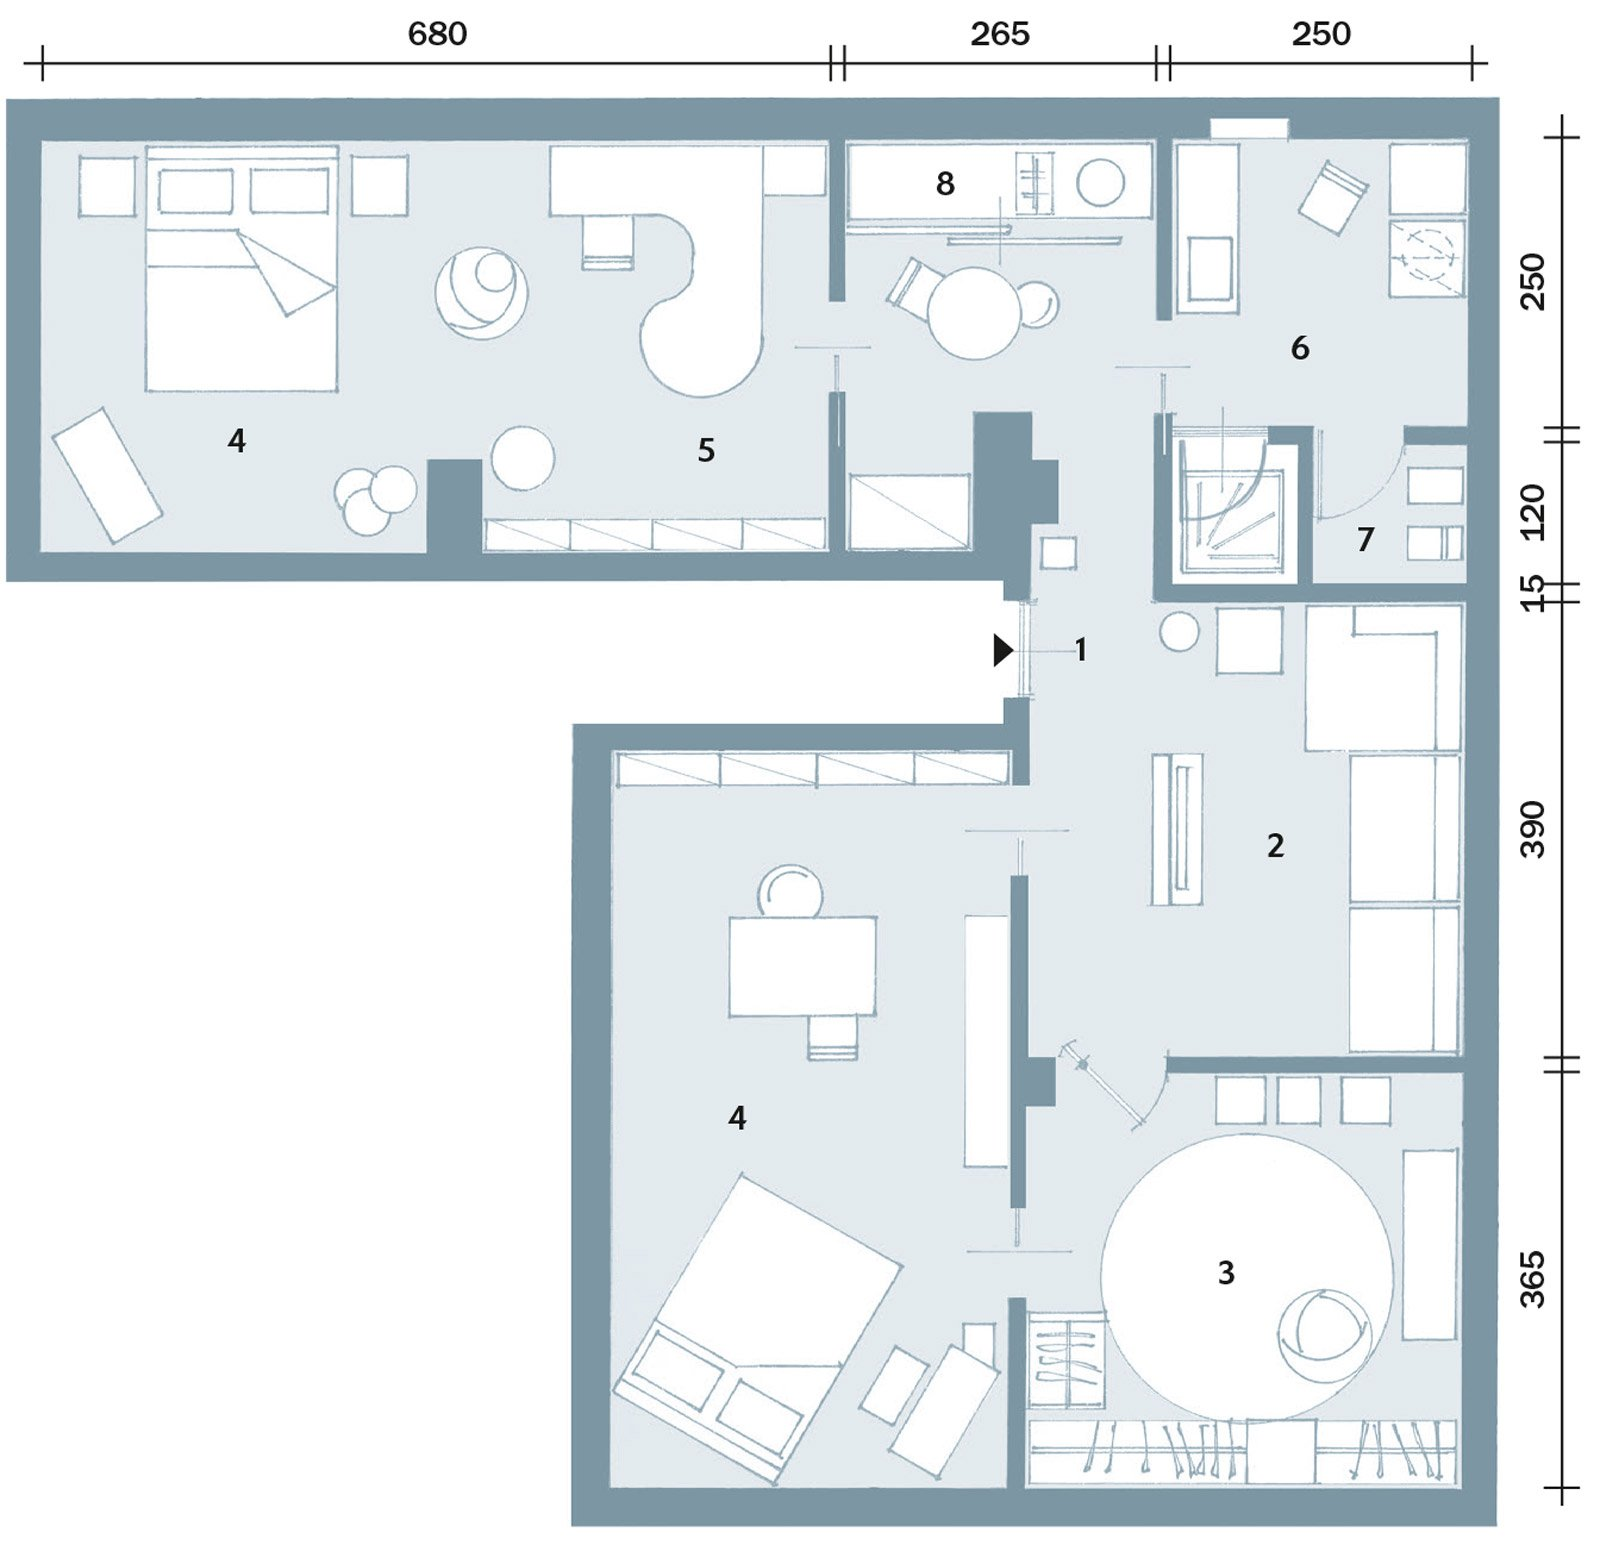 Trilocale di 96 mq recupero creativo per la mansarda for Casa moderna pianta